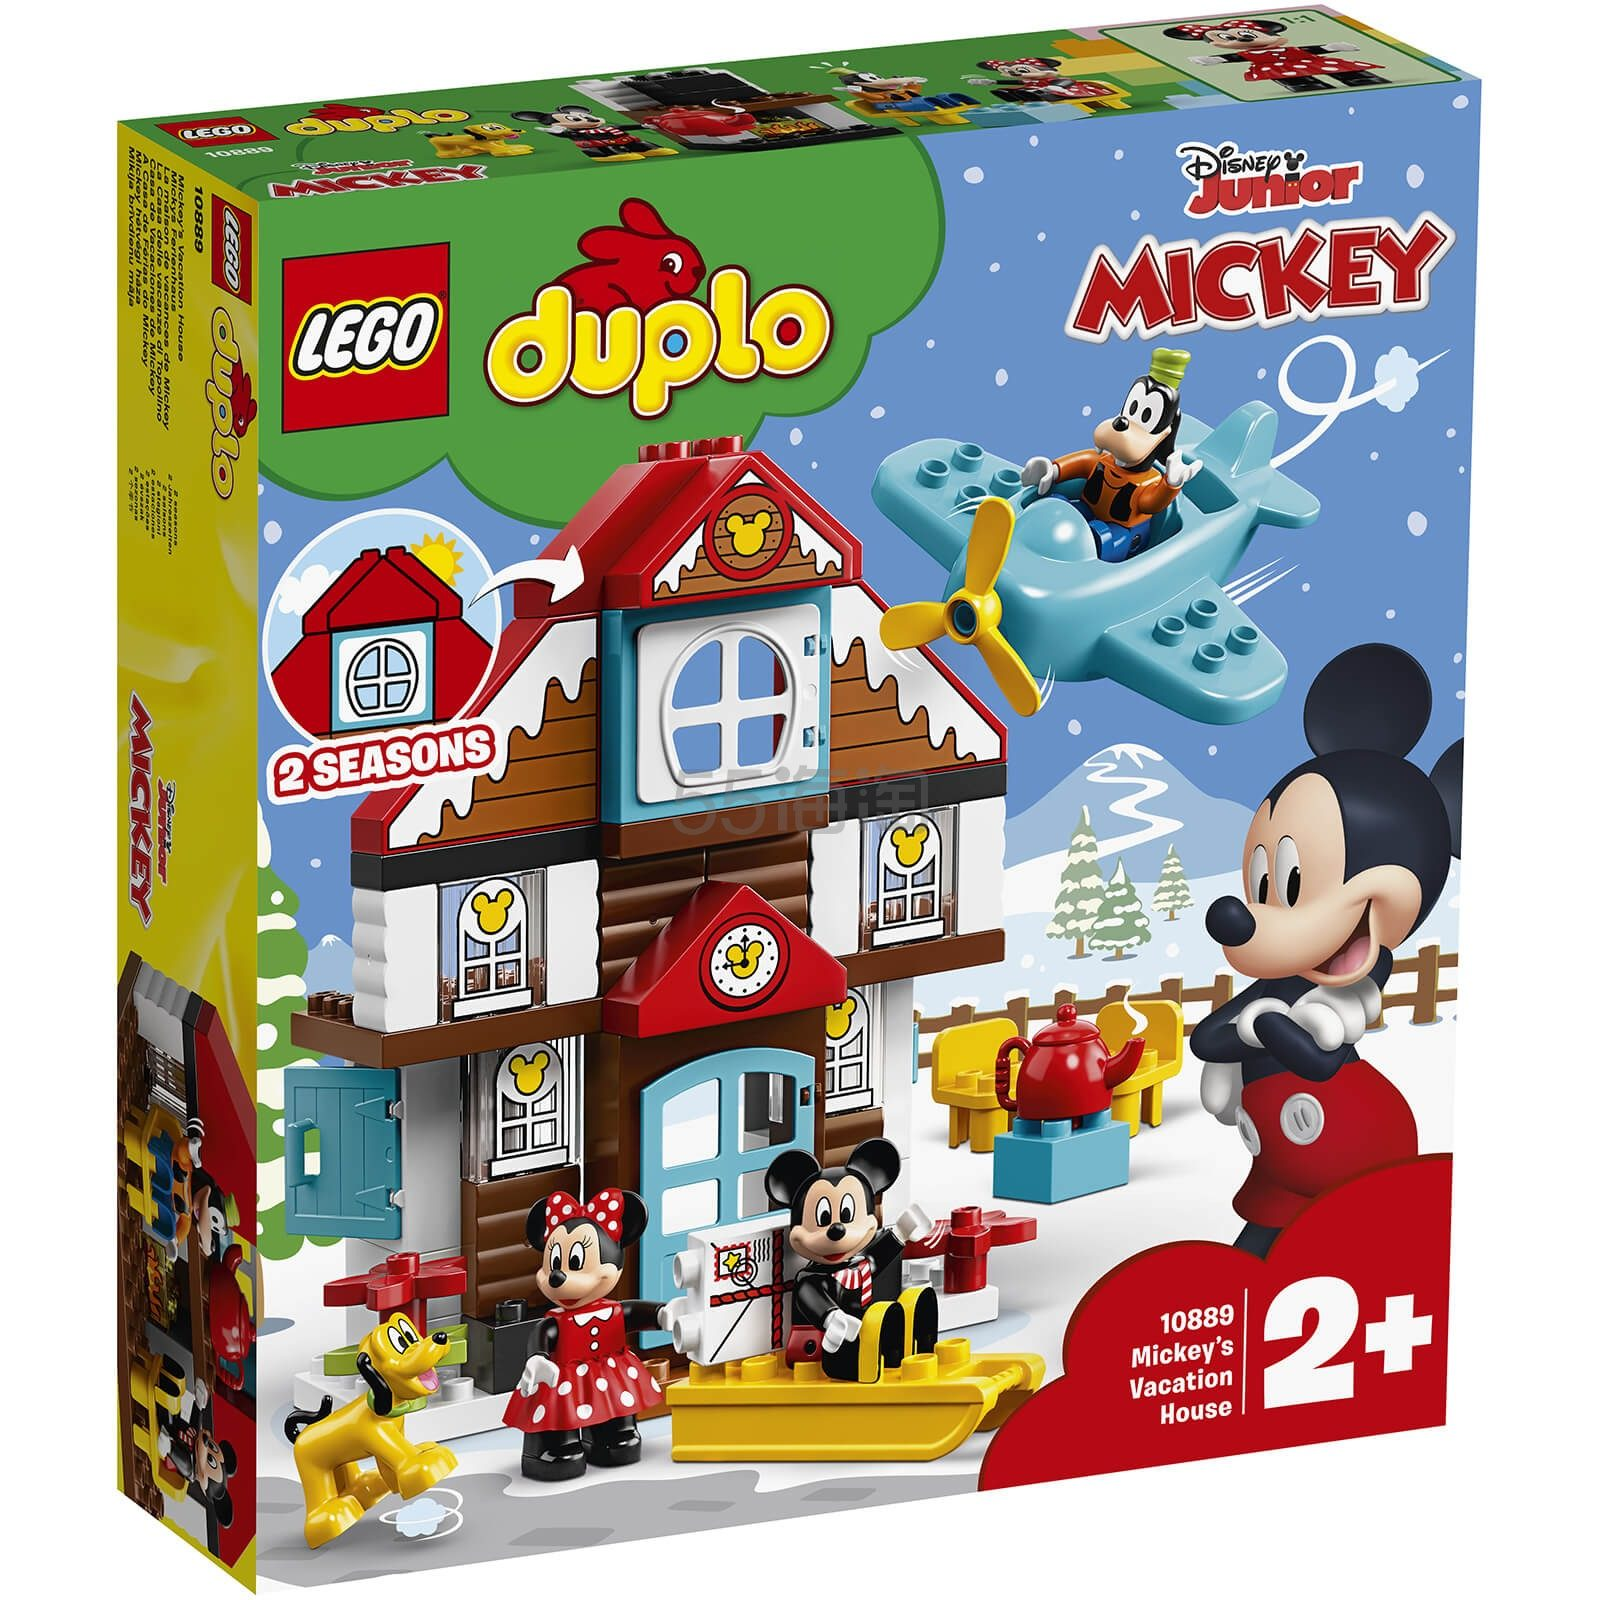 LEGO 乐高 得宝系列 米奇的度假小屋(10889) £41.99(约376元) - 海淘优惠海淘折扣|55海淘网